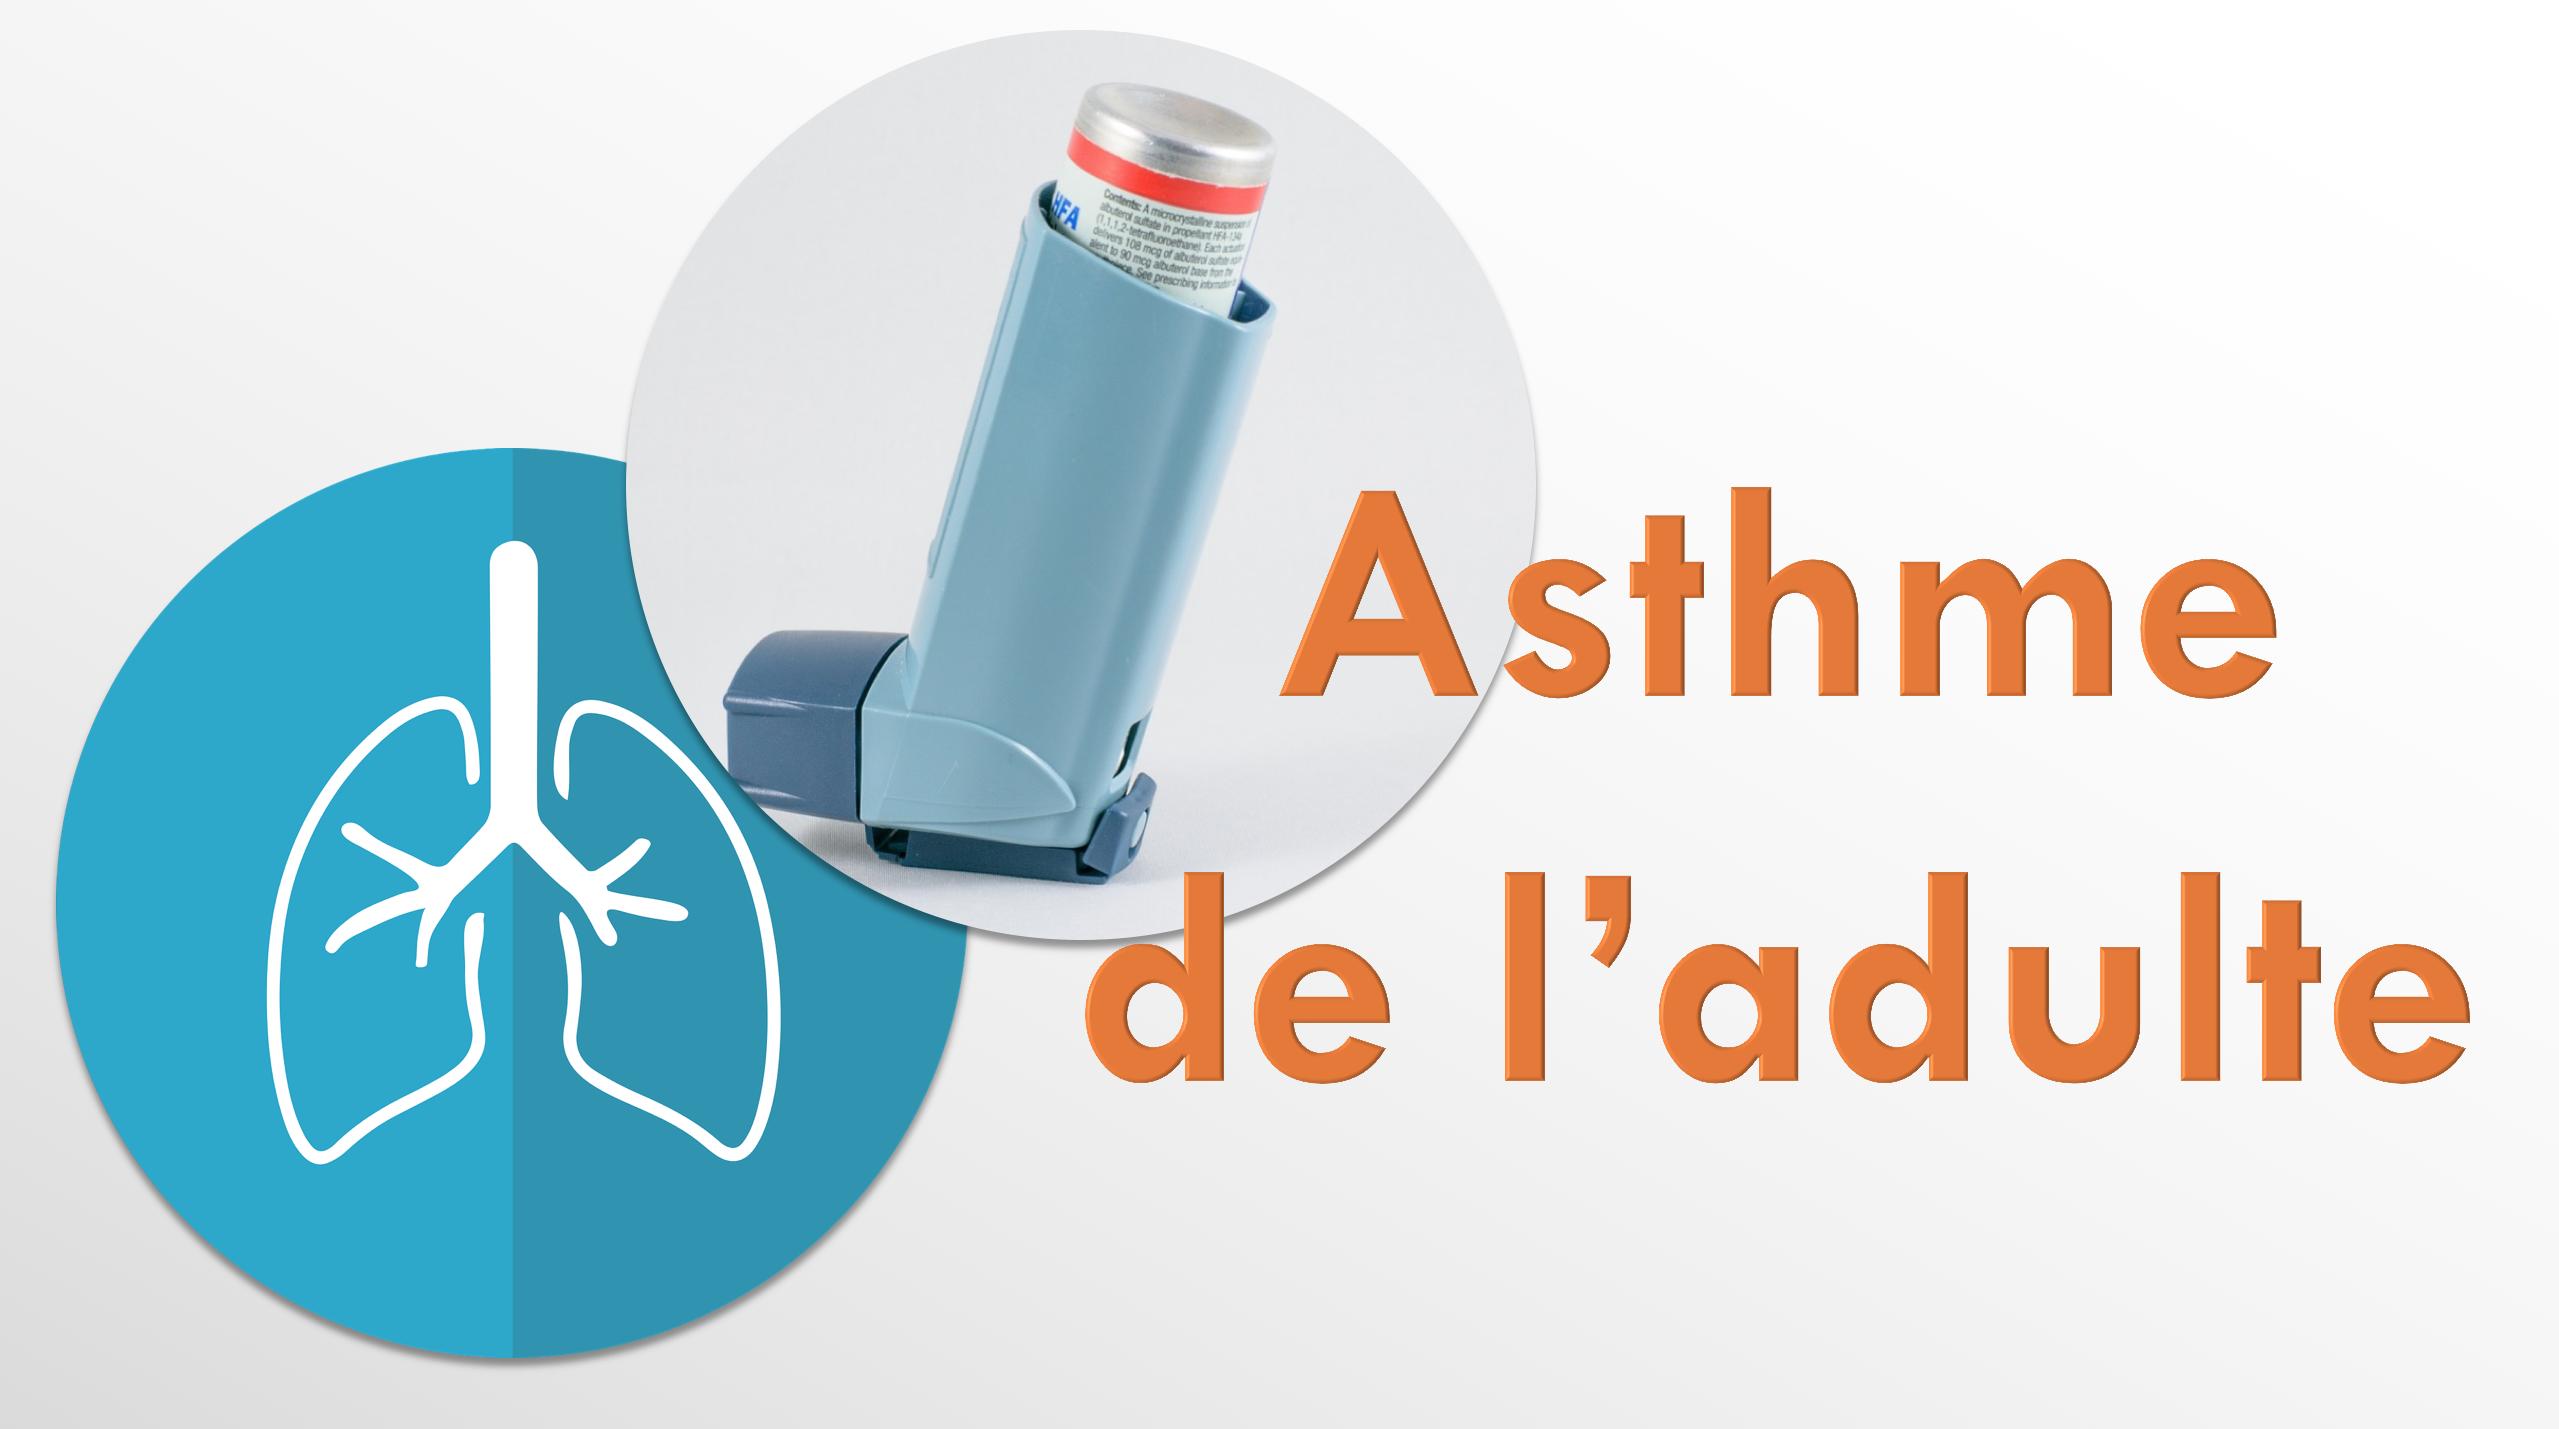 01045 Asthme de l'adulte Accueil